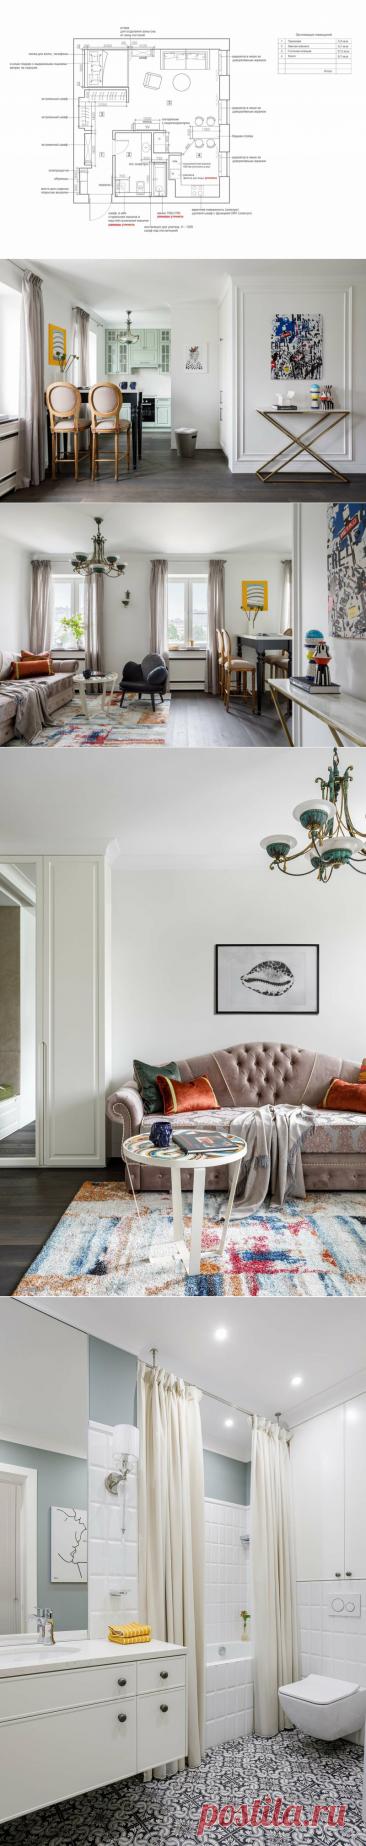 Изящный интерьер в скромной однушке в старом доме. Так стильно и современно получилось. | INMYROOM.RU | Яндекс Дзен